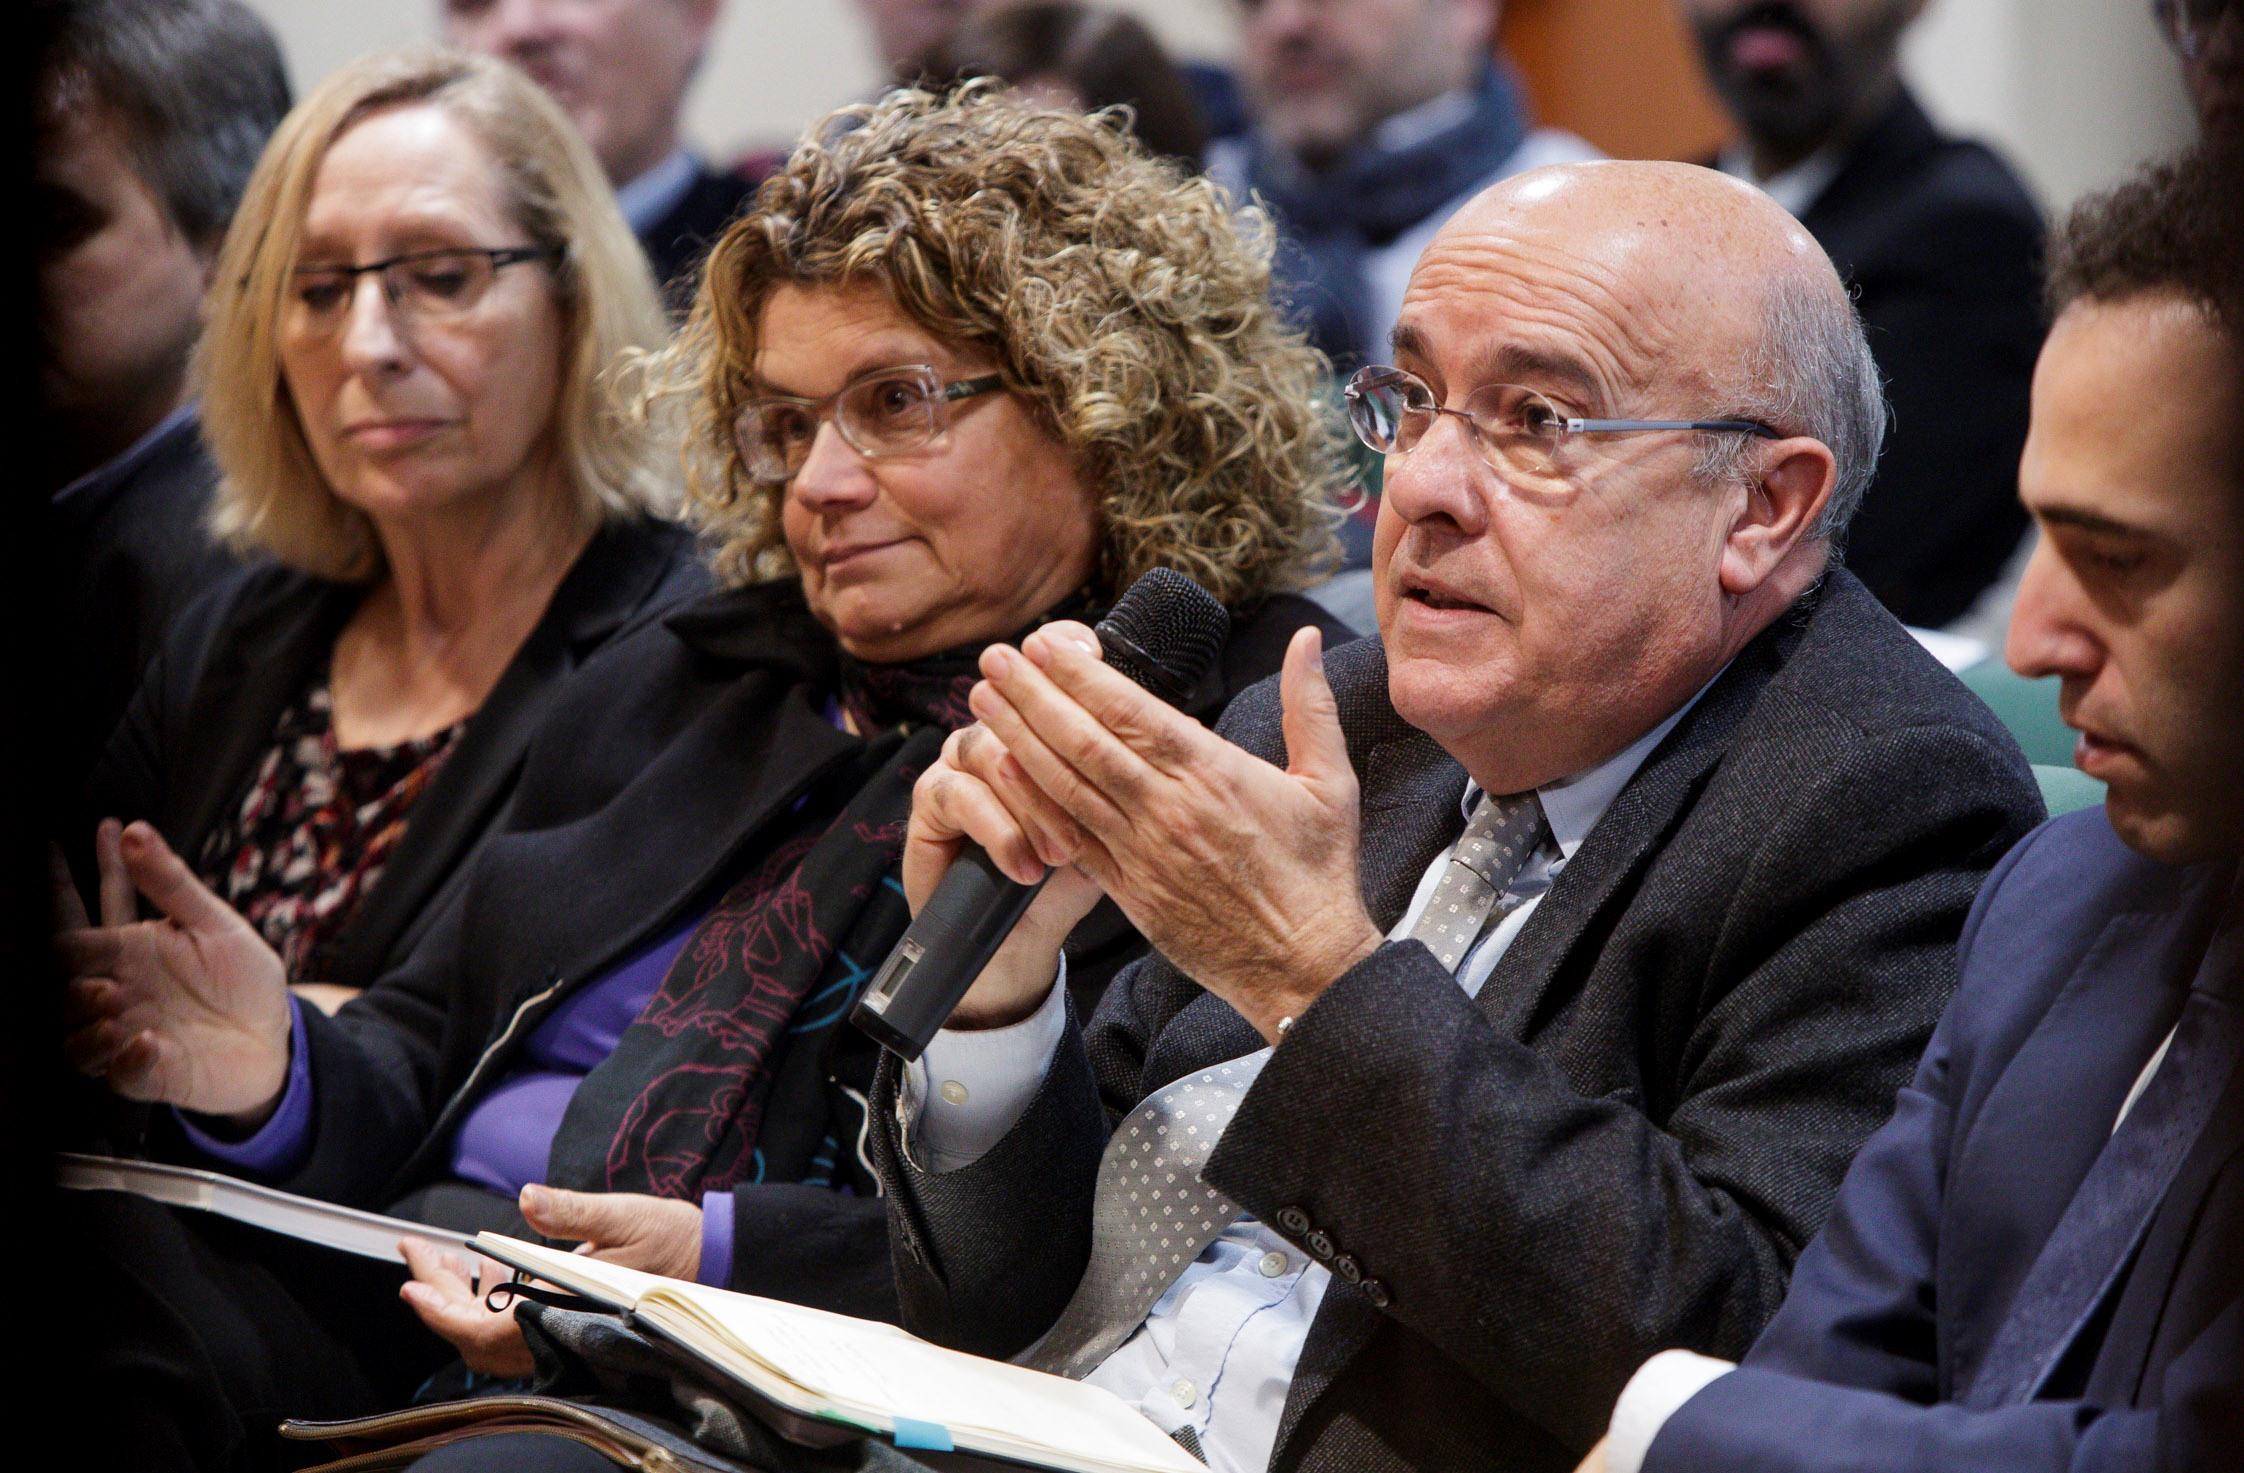 Els exconsellers de Salut de la Generalitat de Catalunya, Marina Geli i Boi Ruiz, van assistir a la presentació.